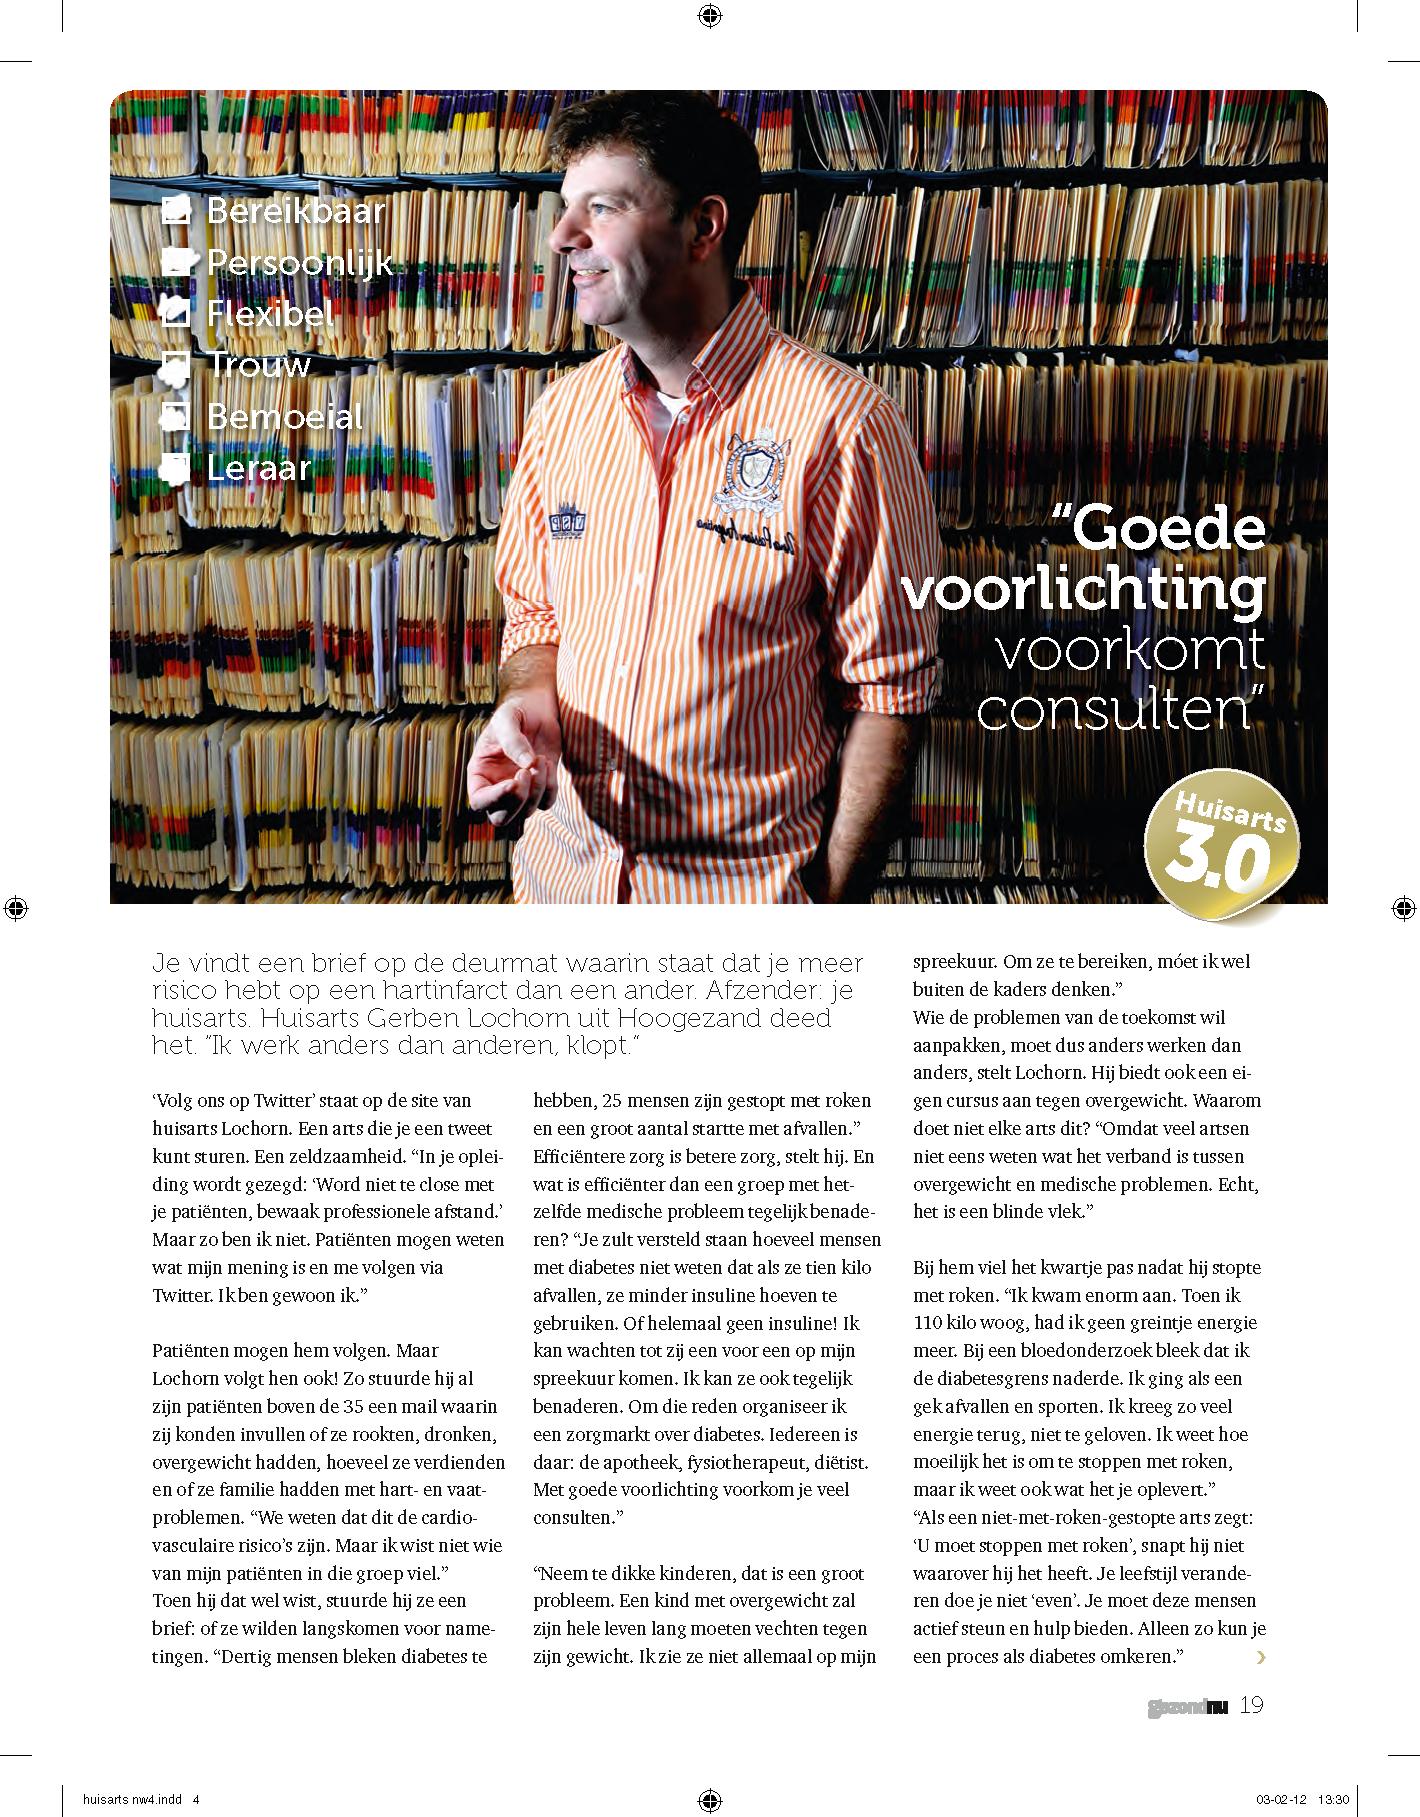 Huisarts Gerben Lochorn in het blad GezondNu over huisarts 3.0 ...